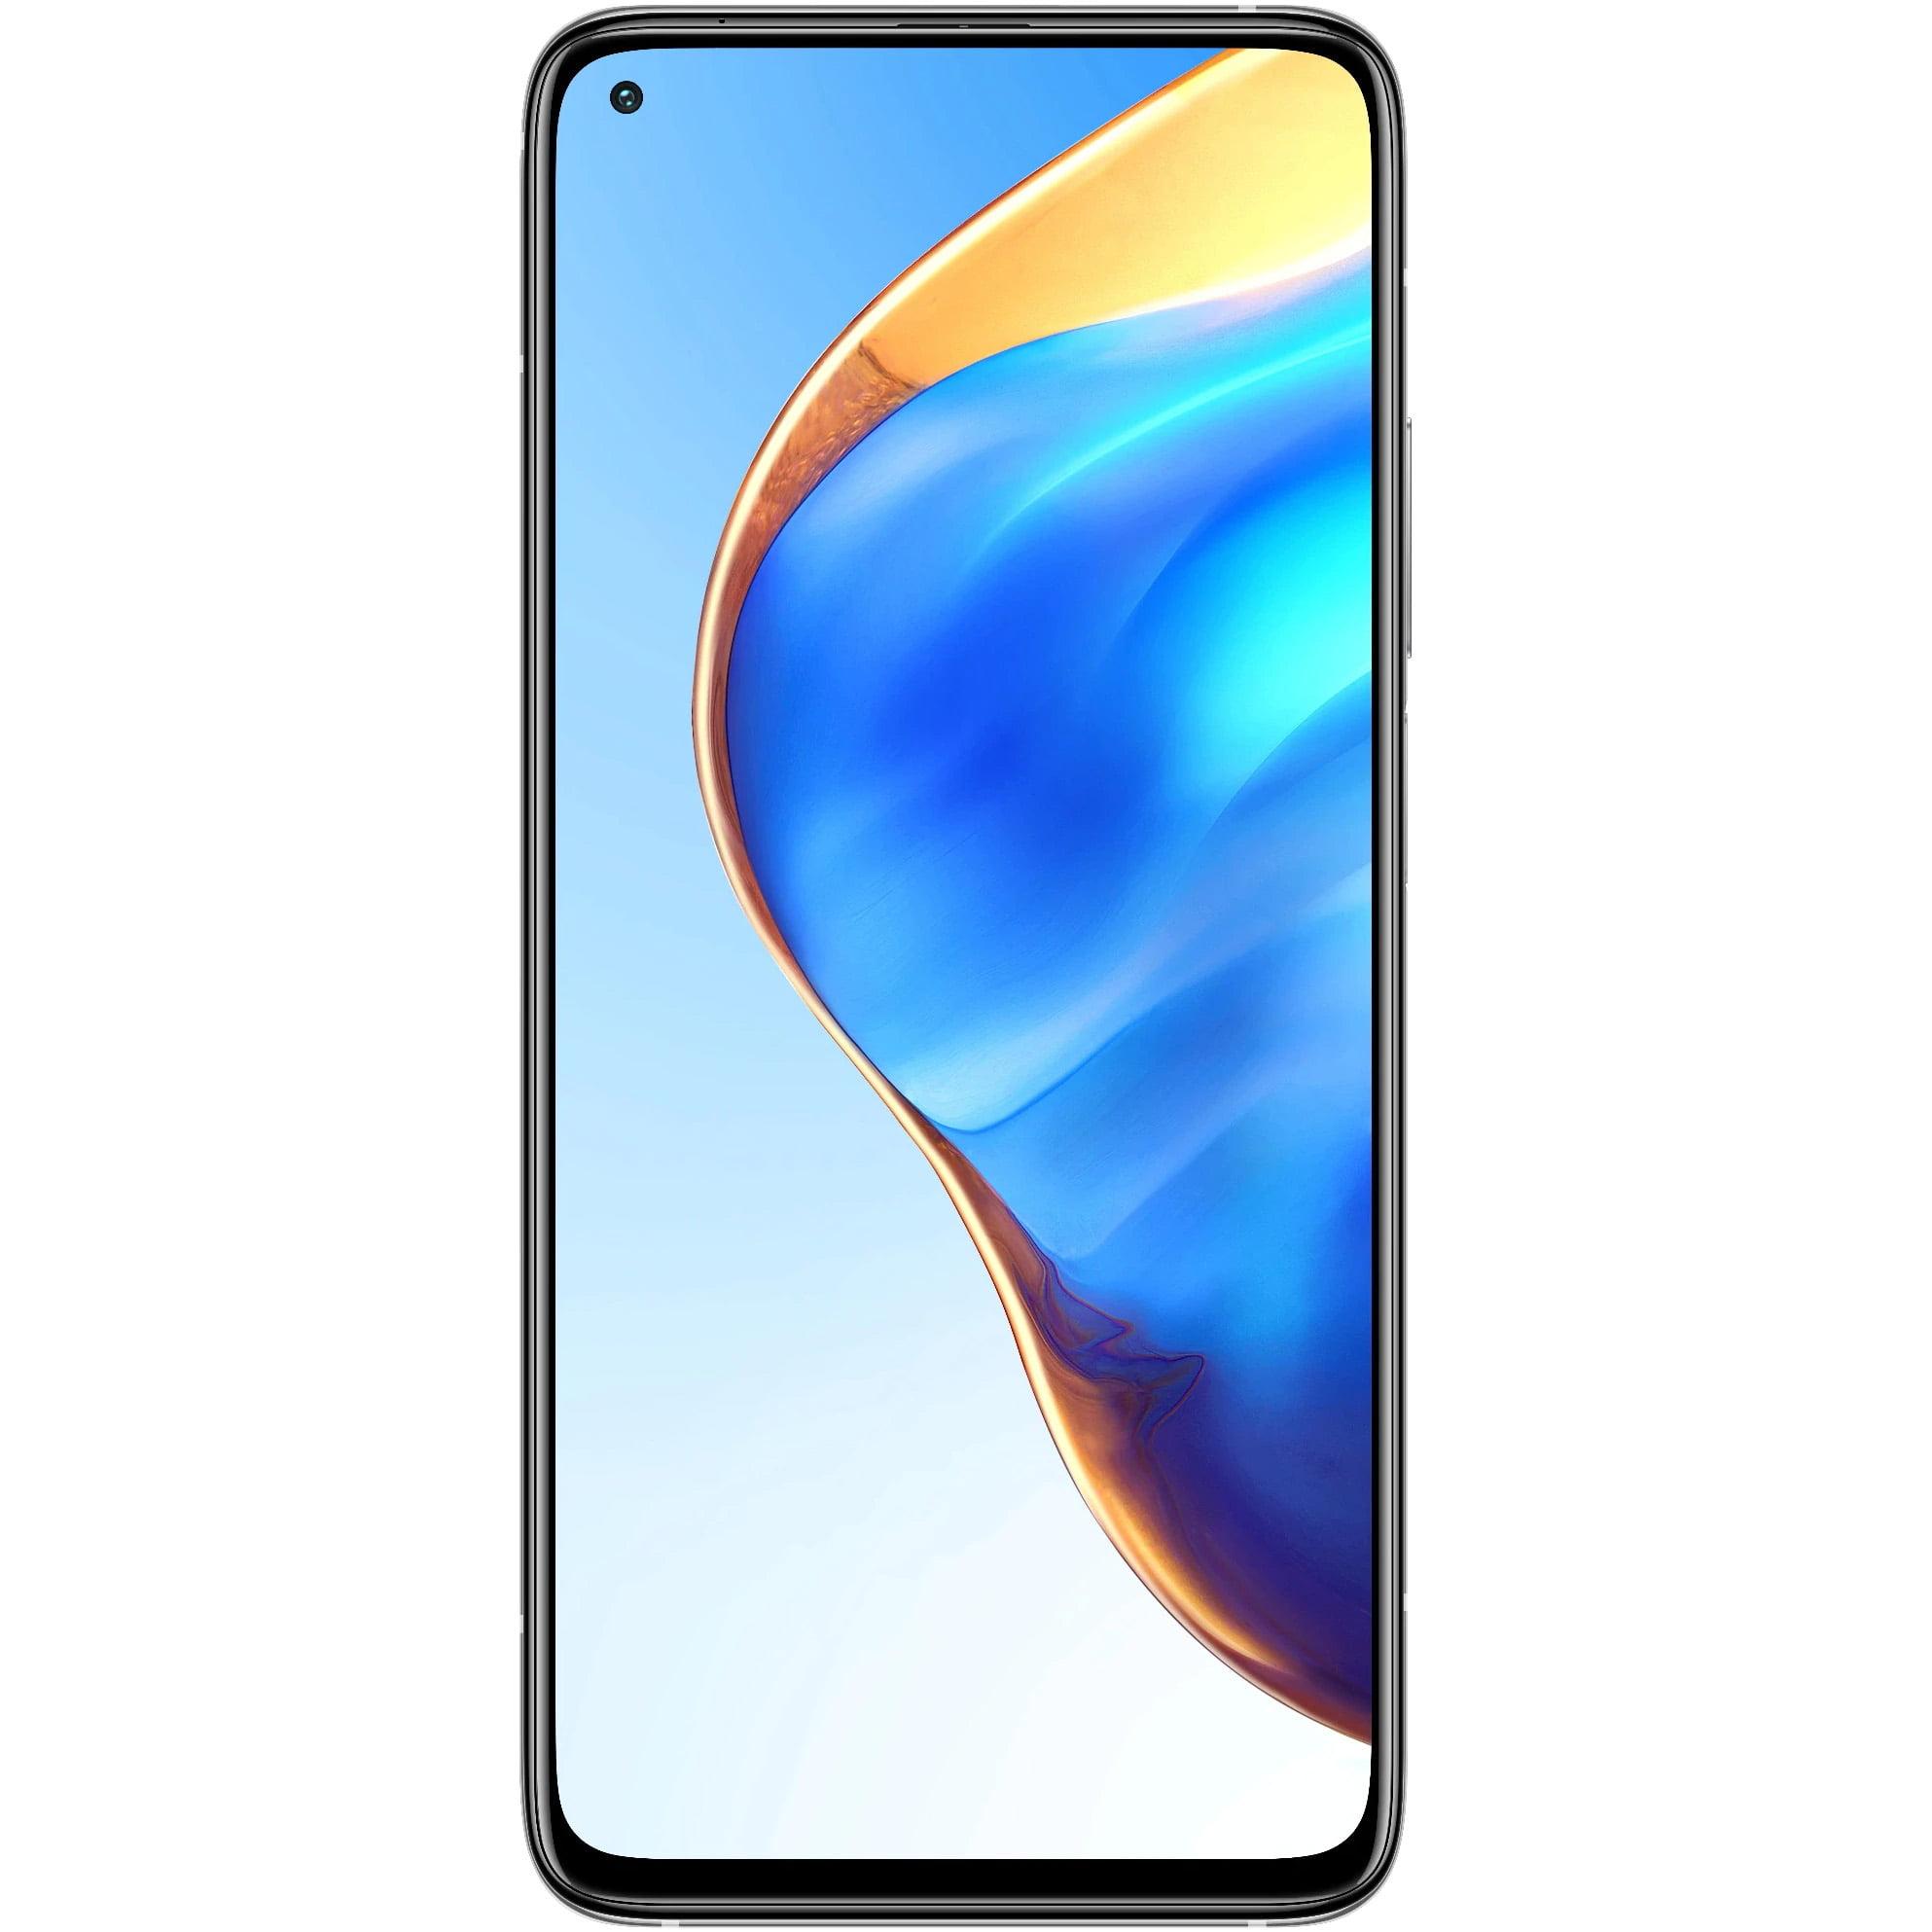 Telefon mobil Xiaomi Mi 10T Pro, Dual SIM, 256GB, 8GB RAM, 5G, Lunar Silver